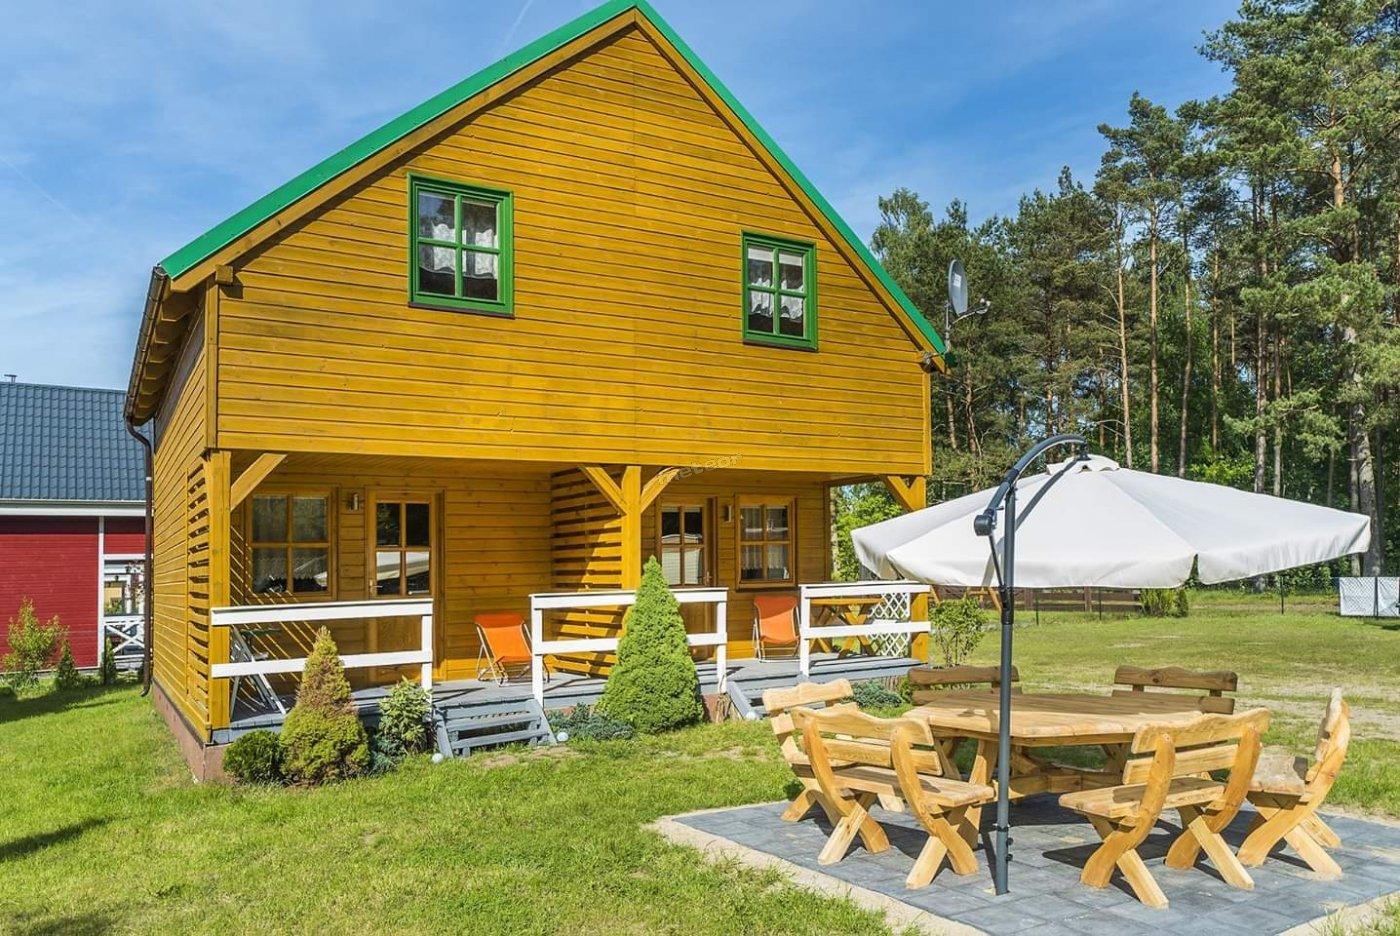 Domki Letniskowe Lena